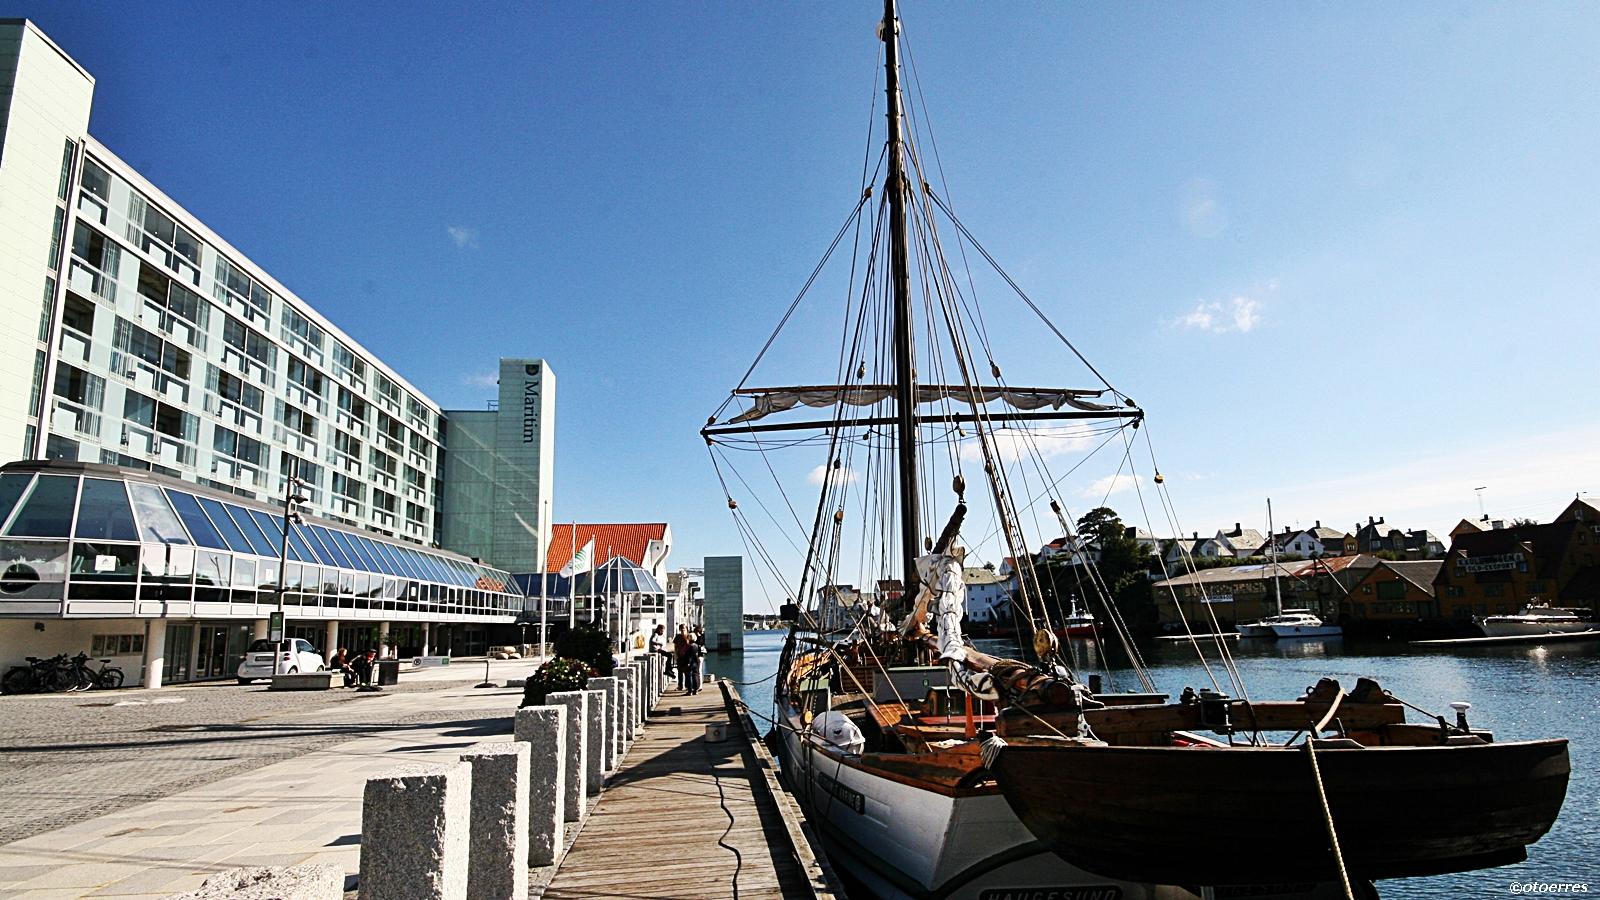 Hotel Maritim - Scandic - Smedasundet - Haugesund